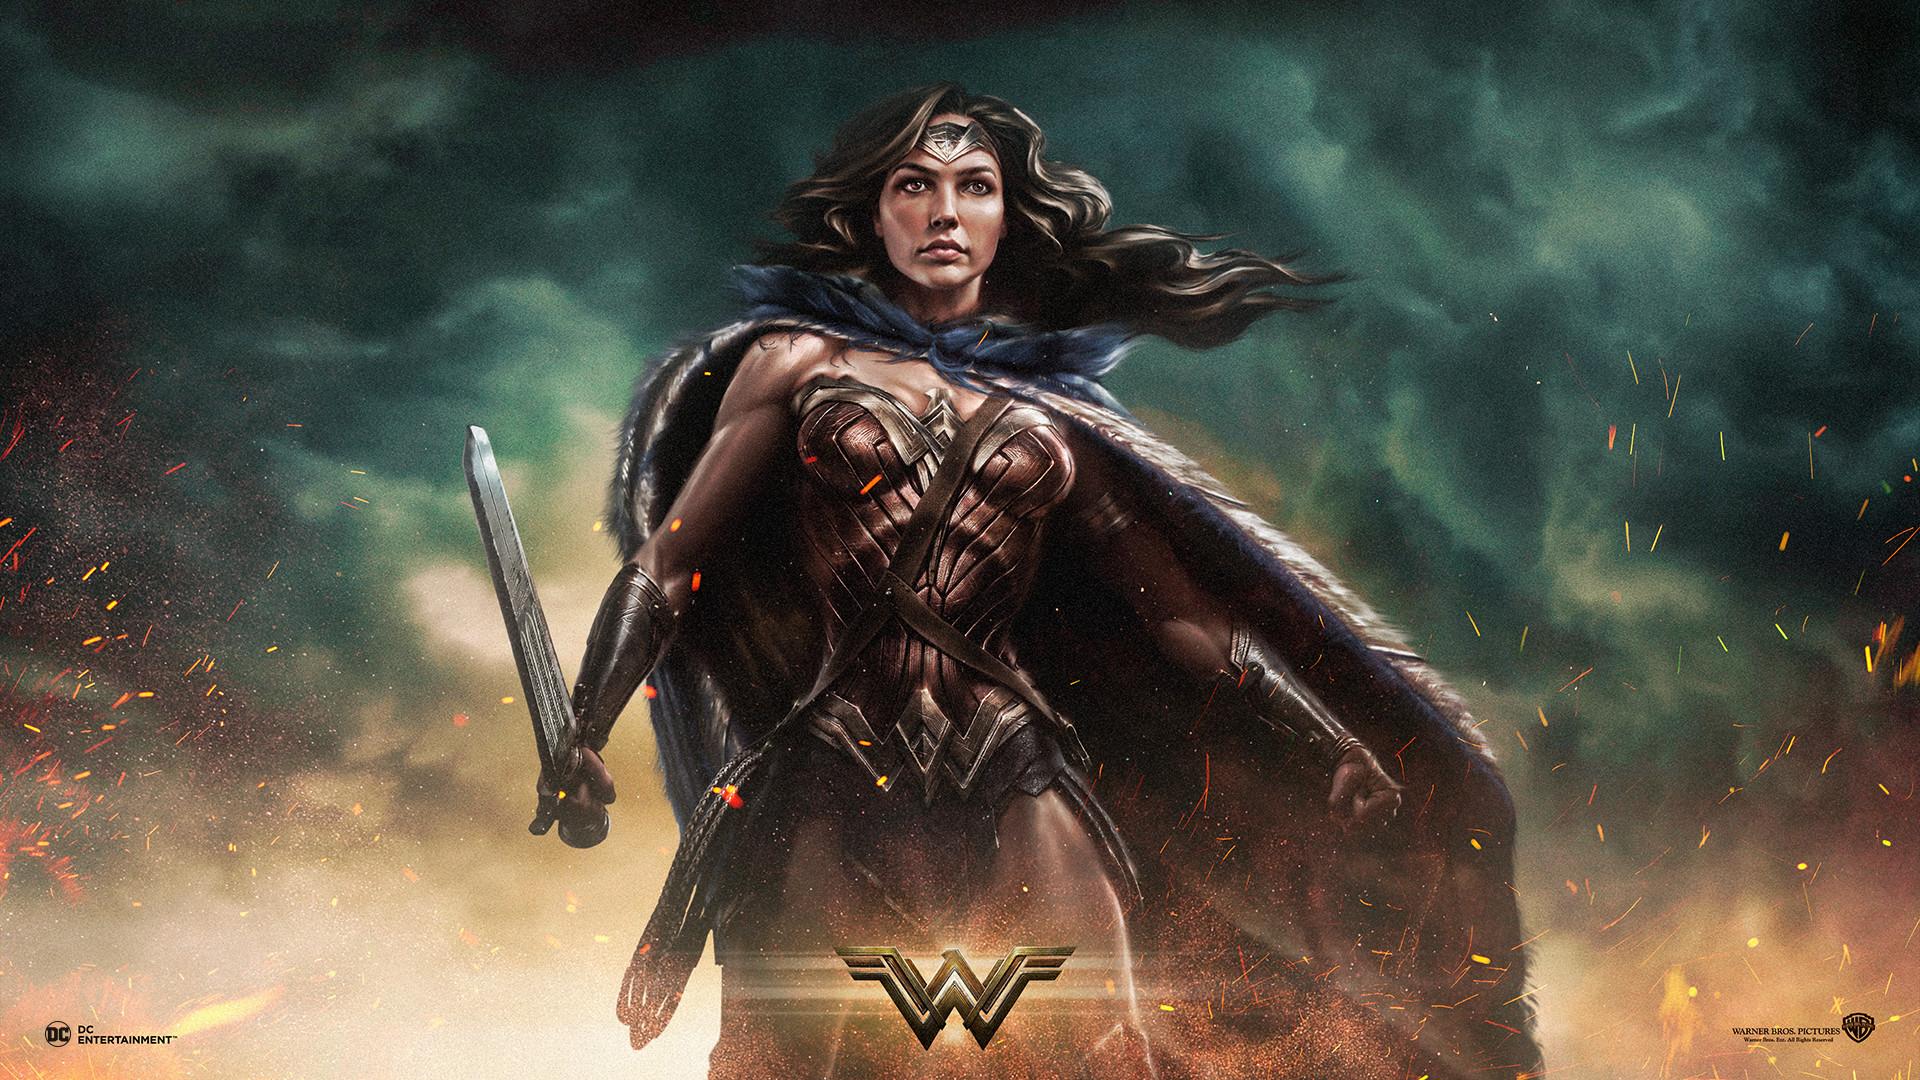 Res: 1920x1080, Filme - Wonder Woman Wallpaper